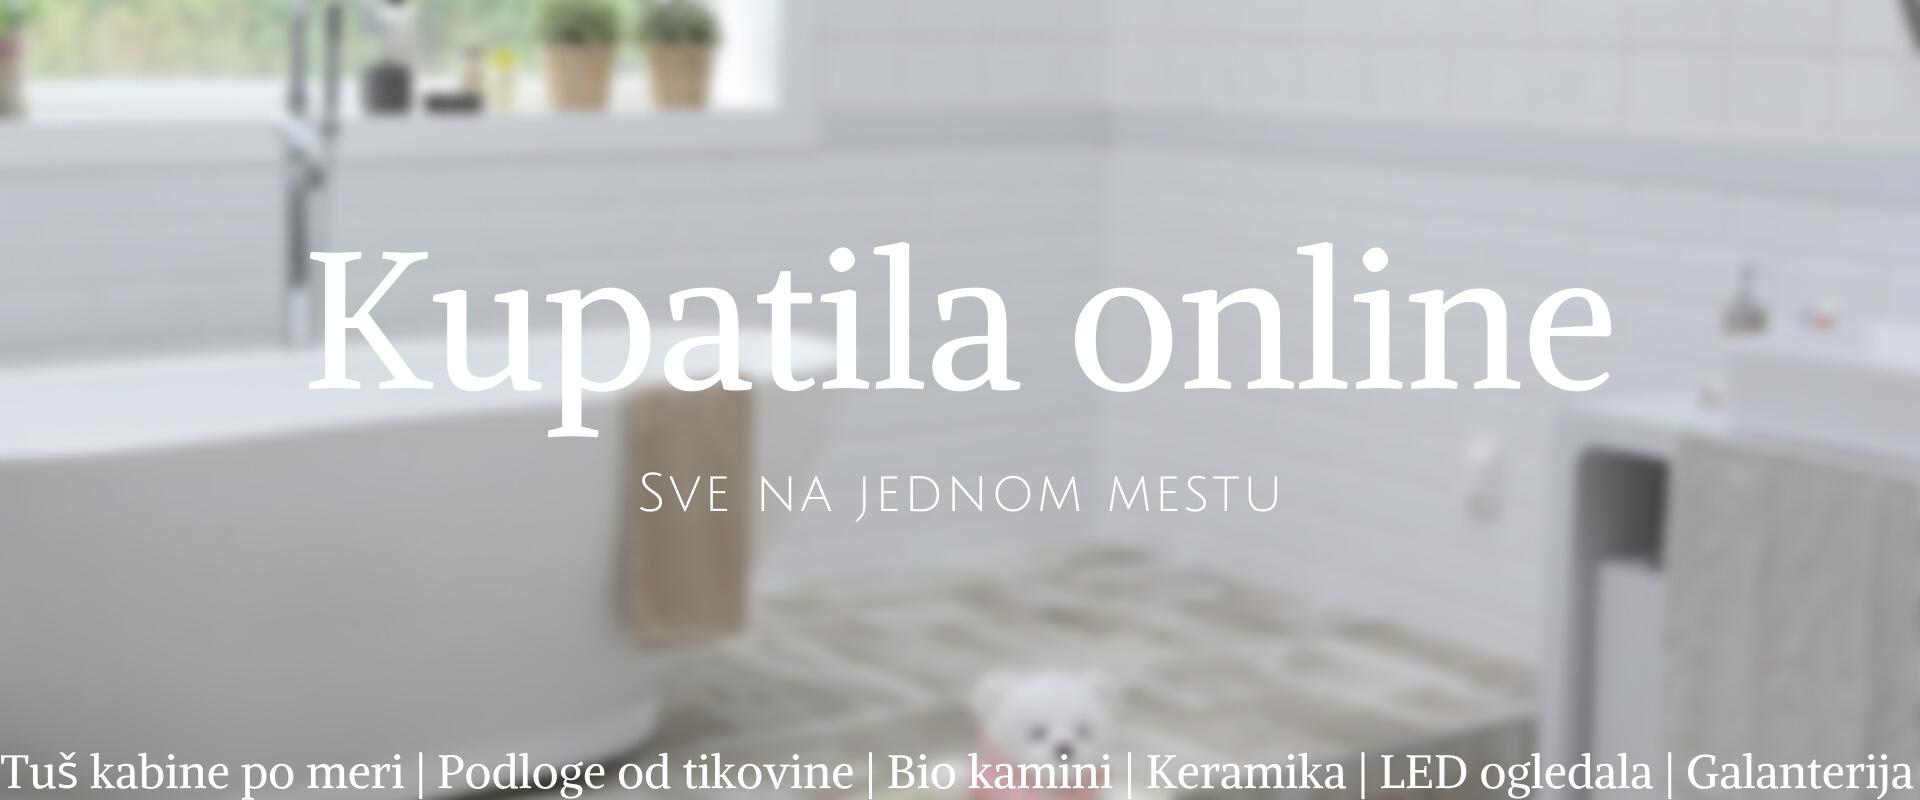 Kupatila online